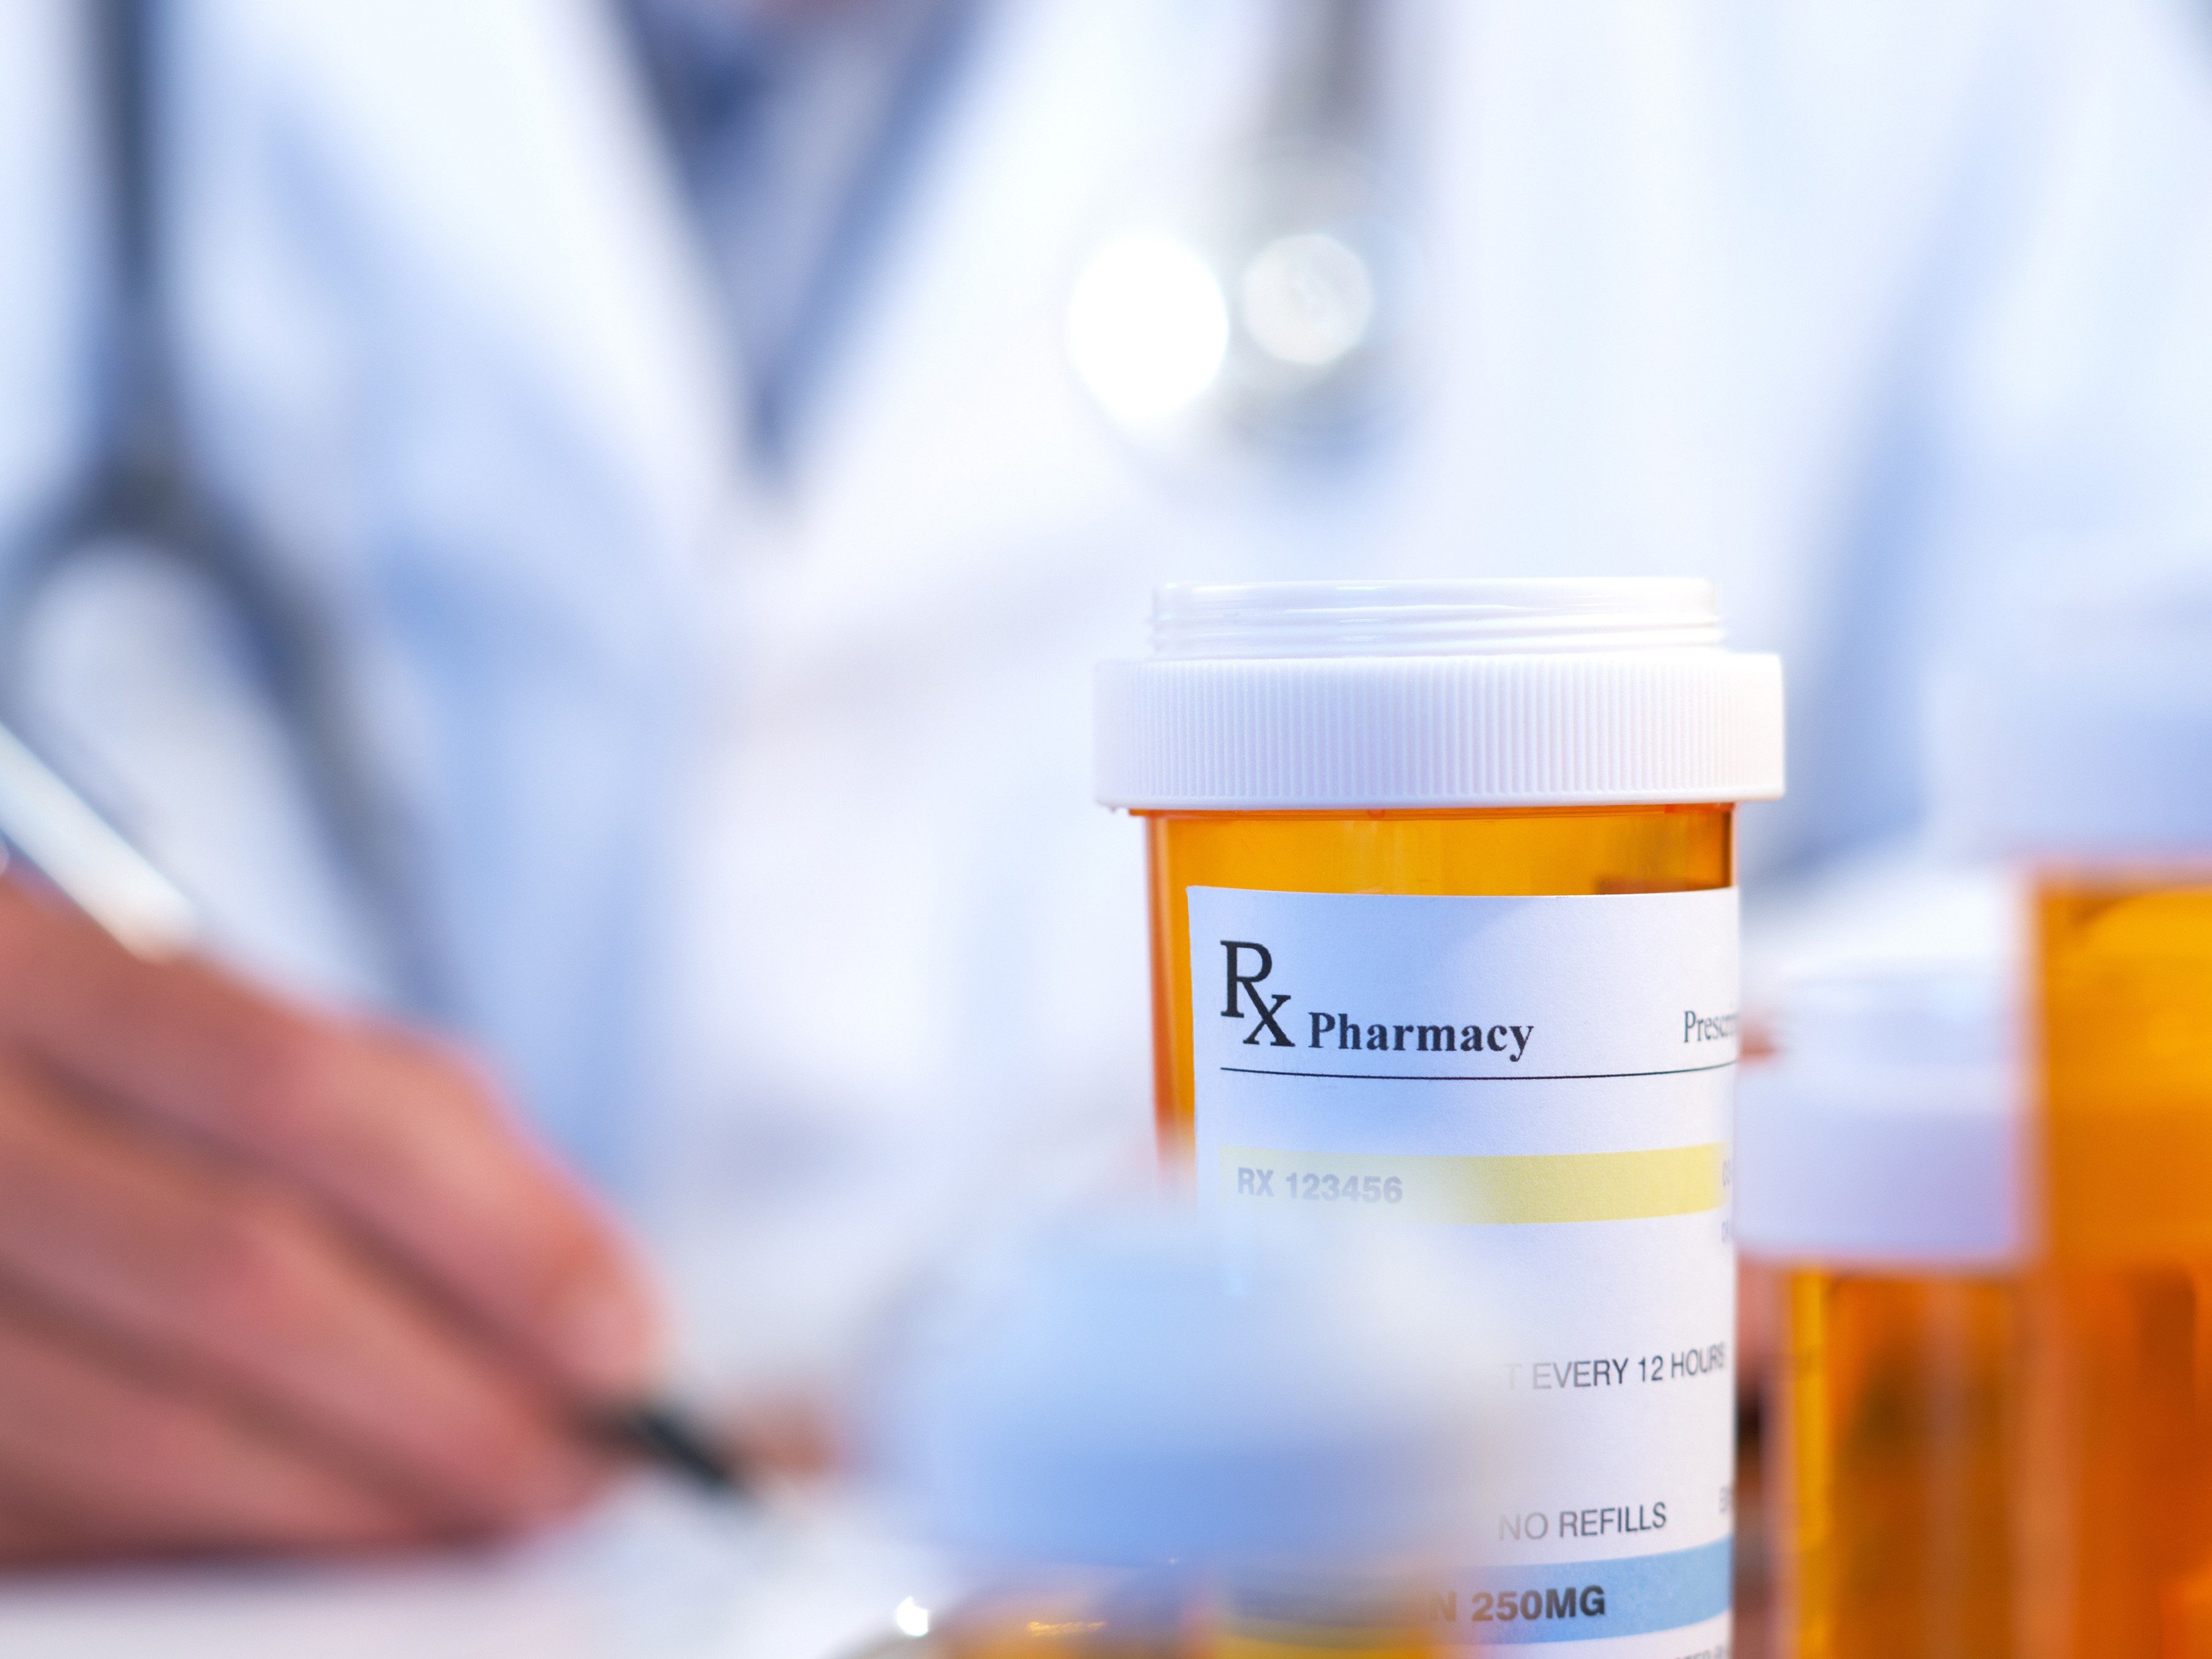 6. Prescription drugs